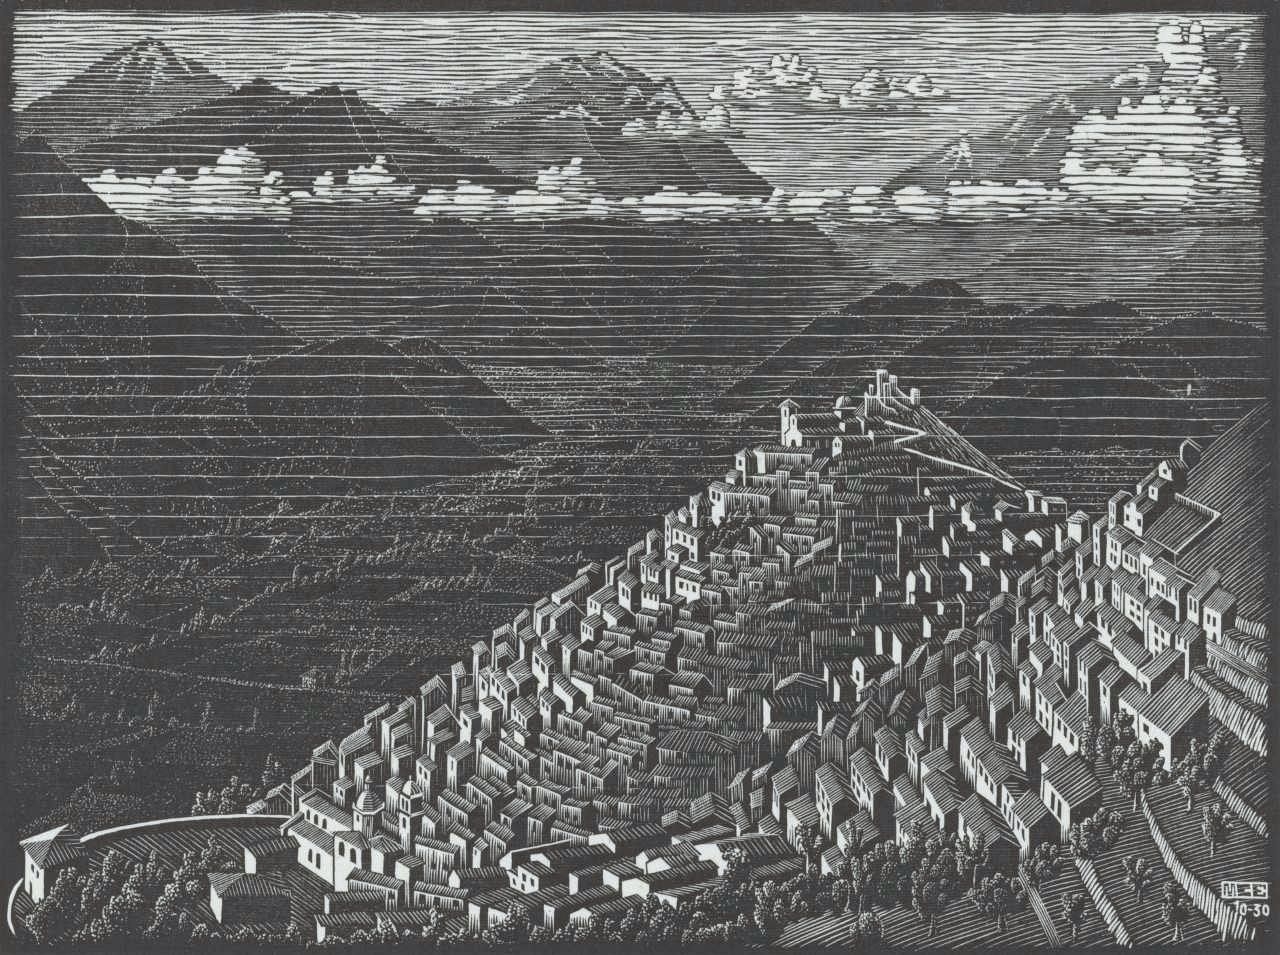 Houtsnede van Italiaans landschap, door M.C. Escher uit 1930: 'Morano, Calabria'